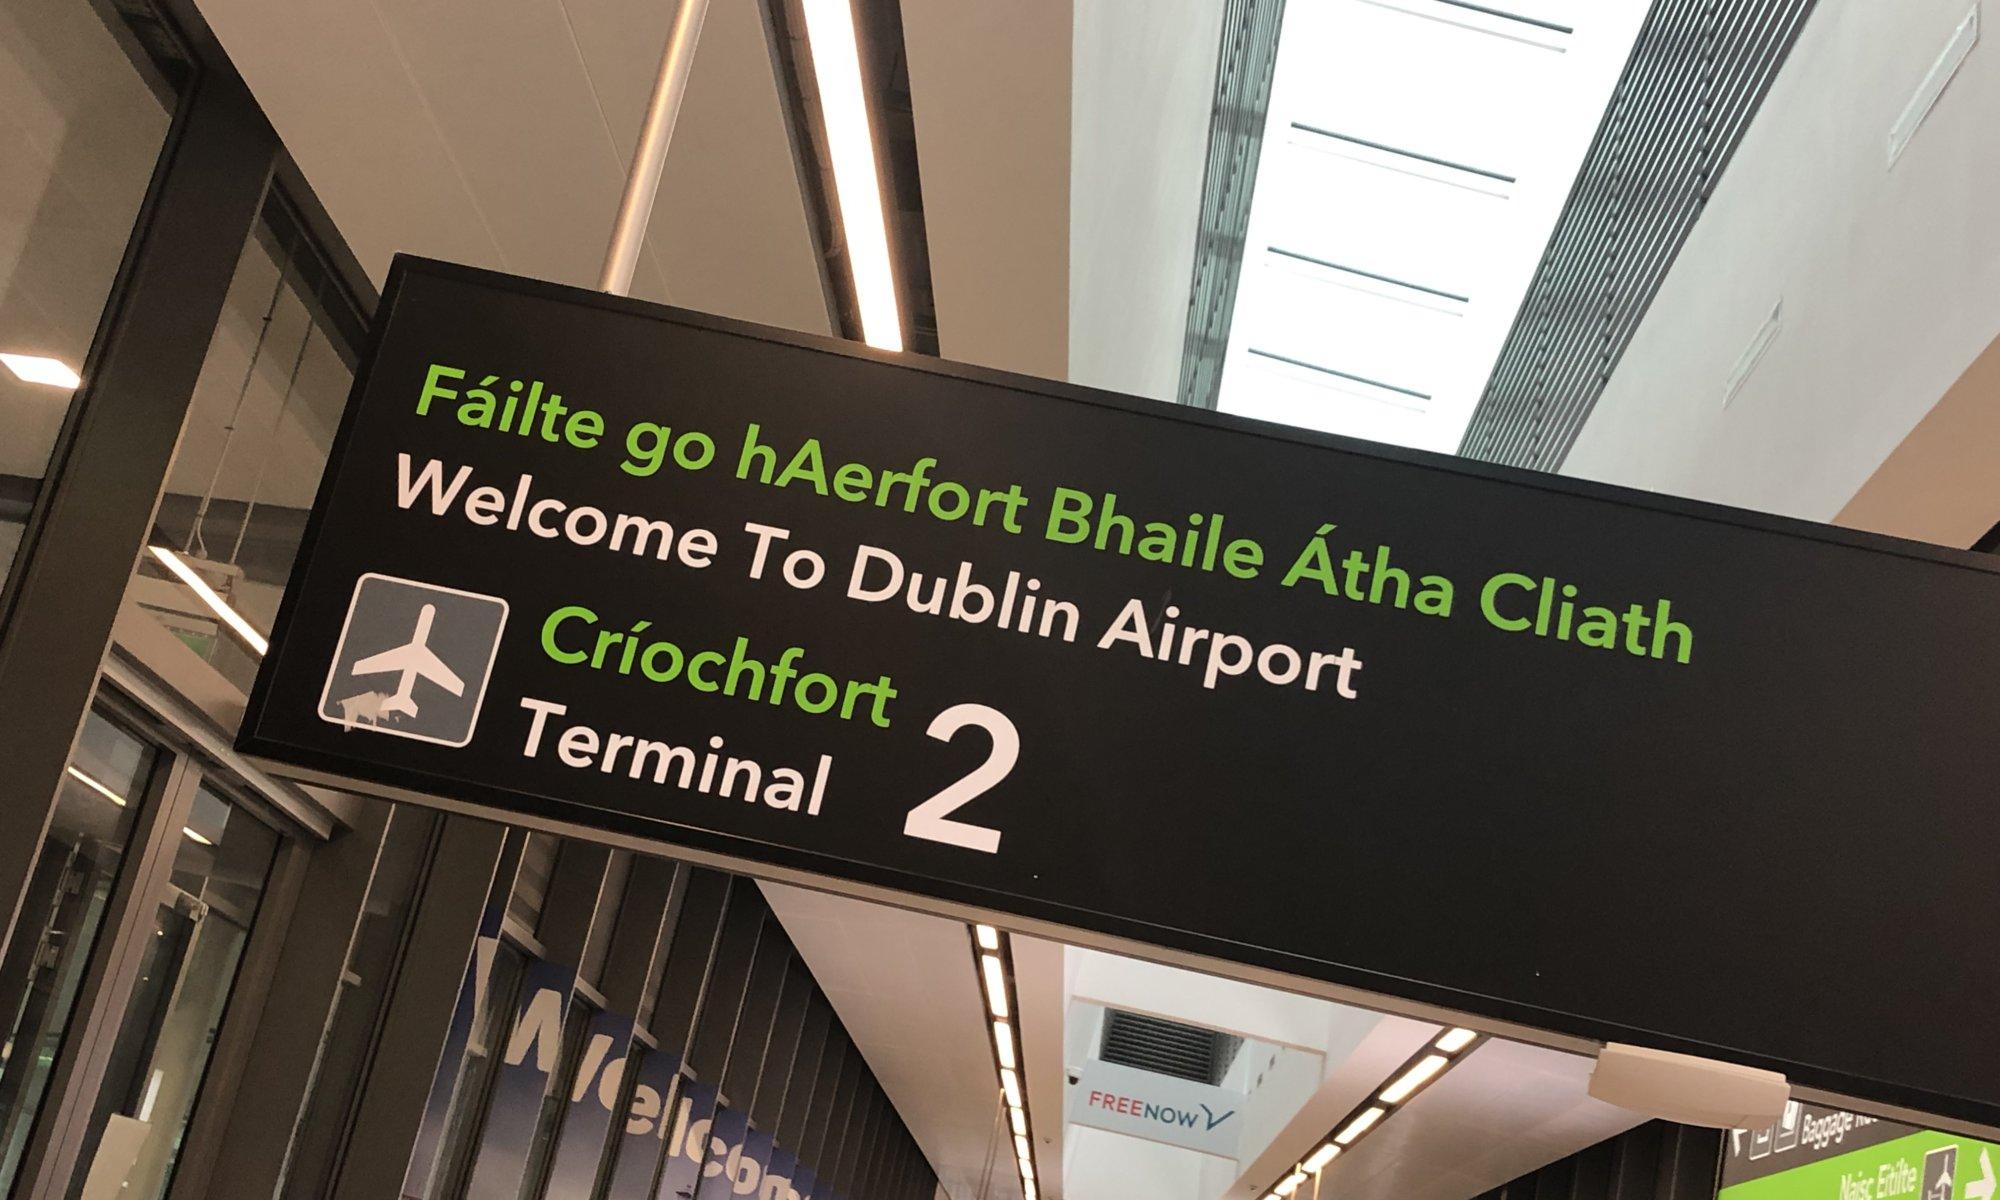 Airport, Dublin